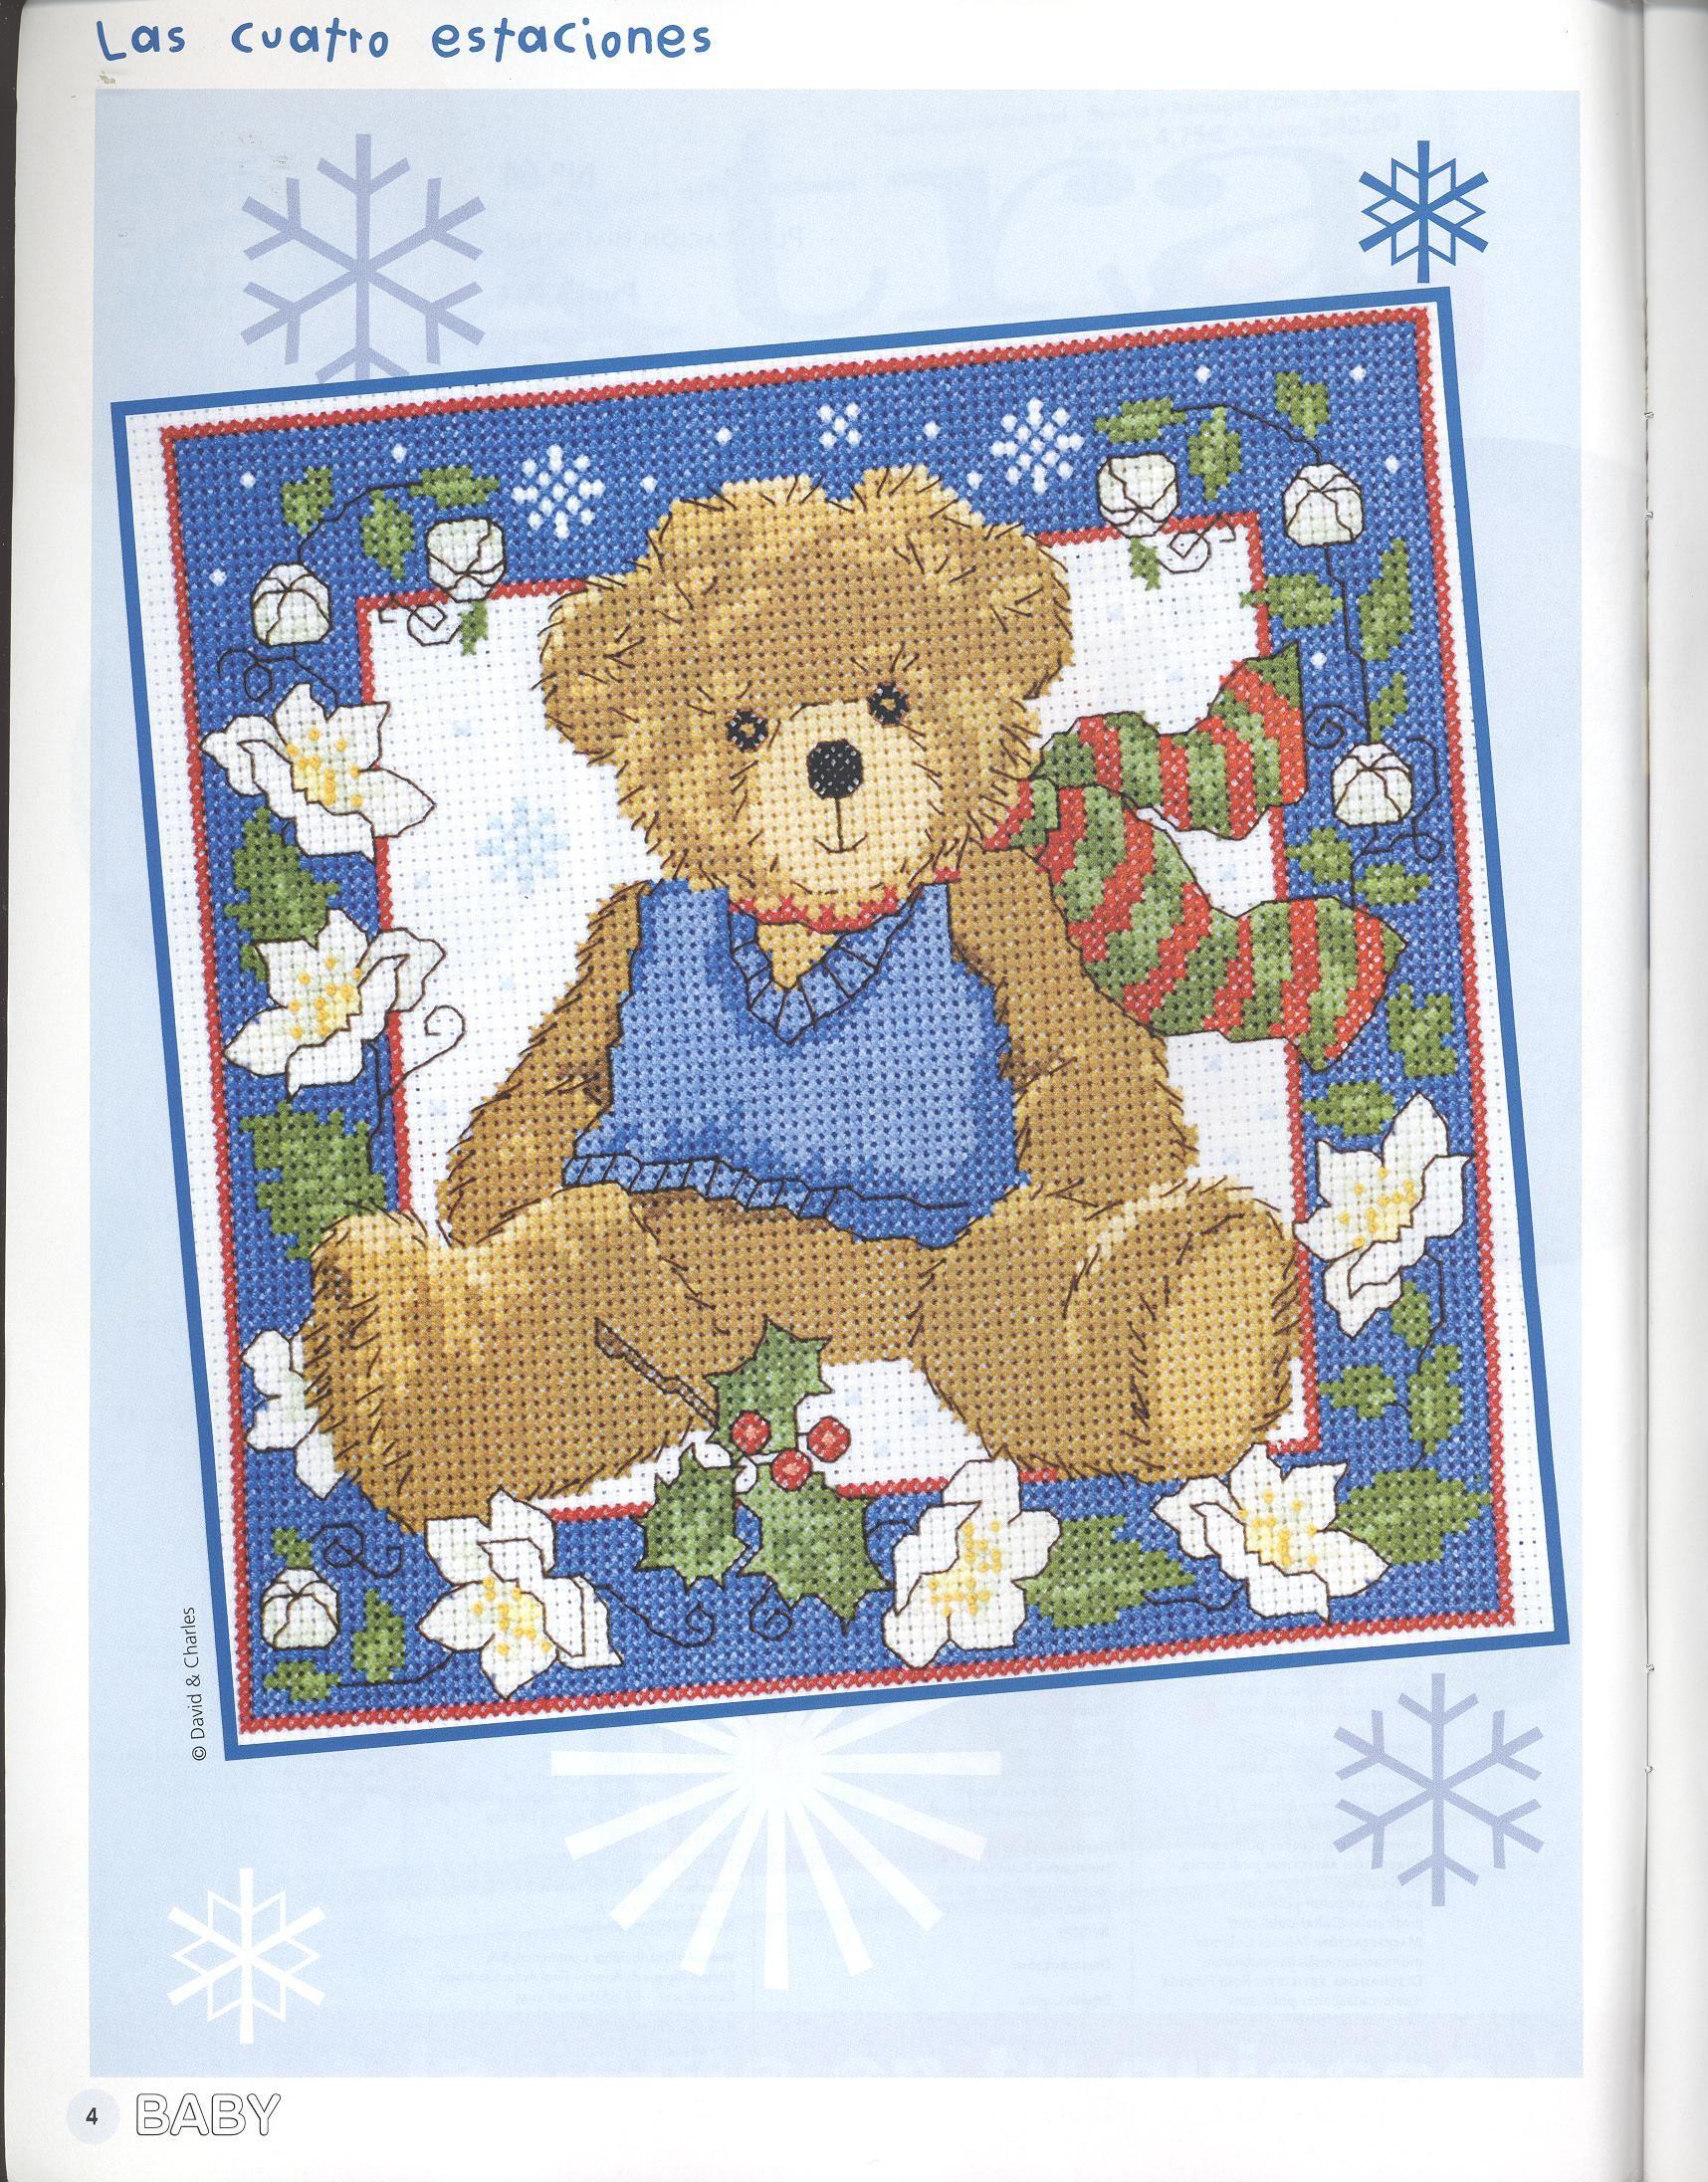 Boy teddy friend to sunny summer bear of cross stitch